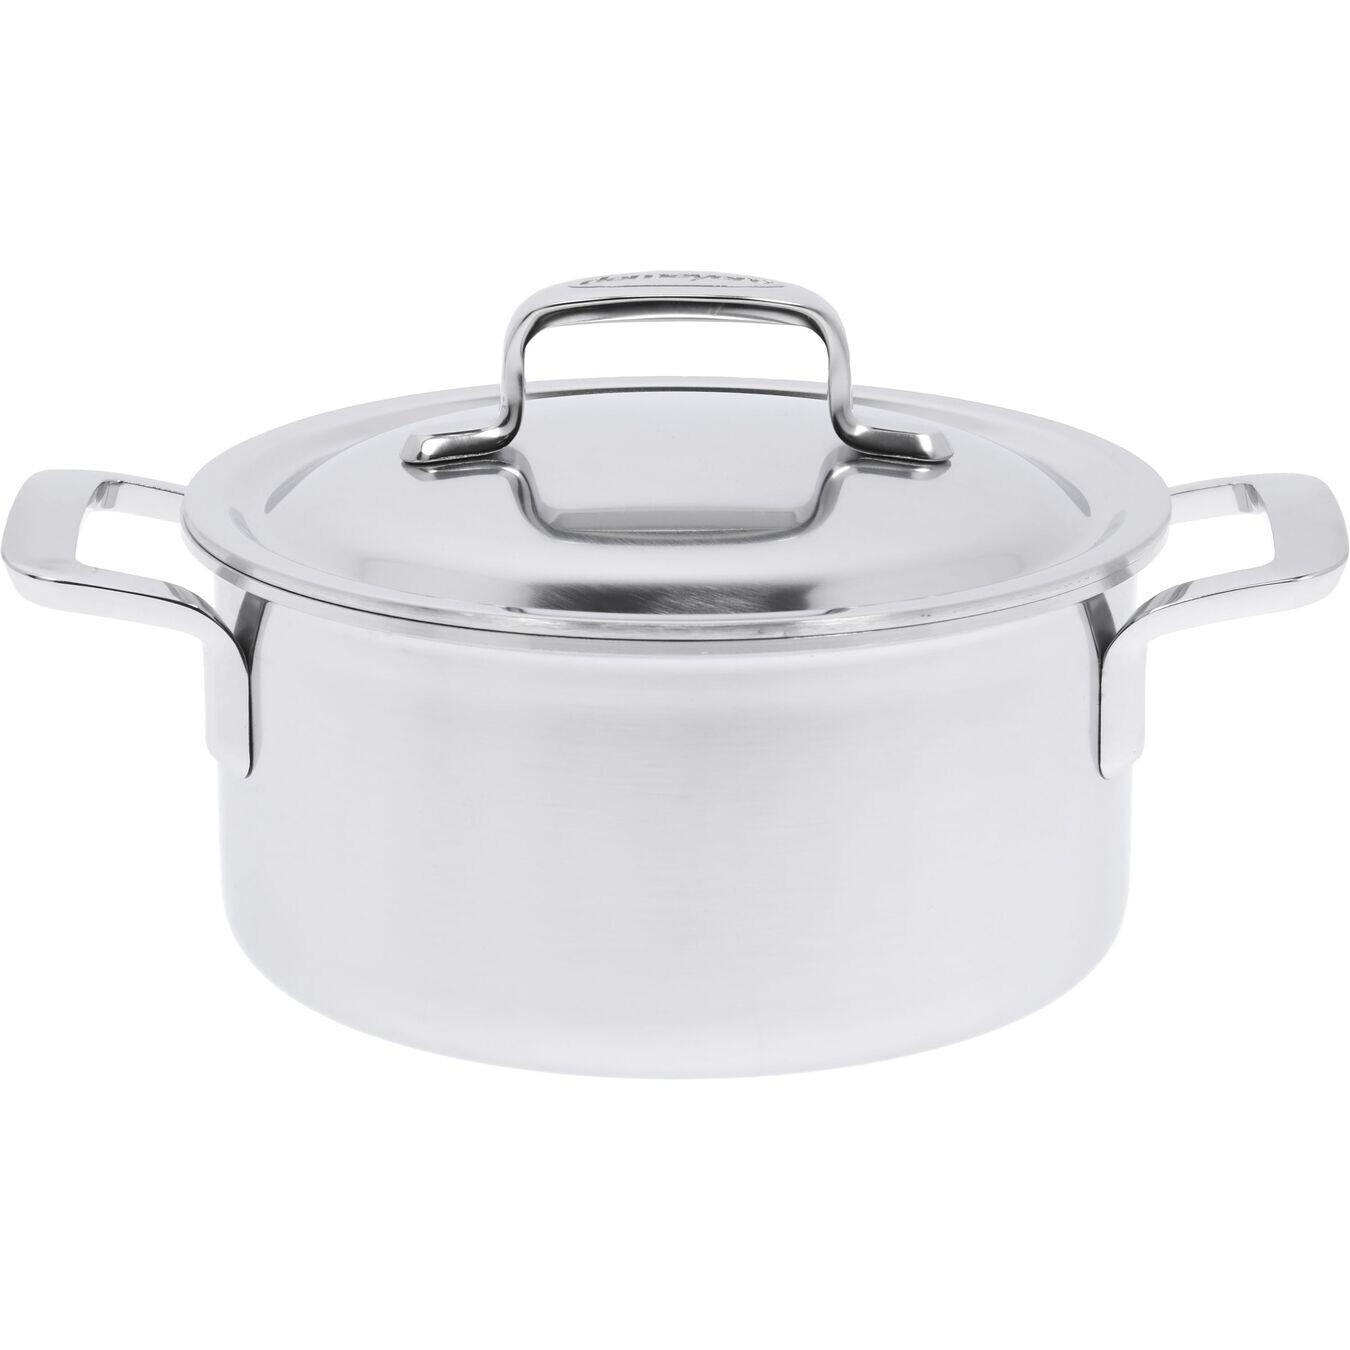 DEMEYERE 'intense 5' kookpot met dubbelwandig deksel 18cm / 2,2L